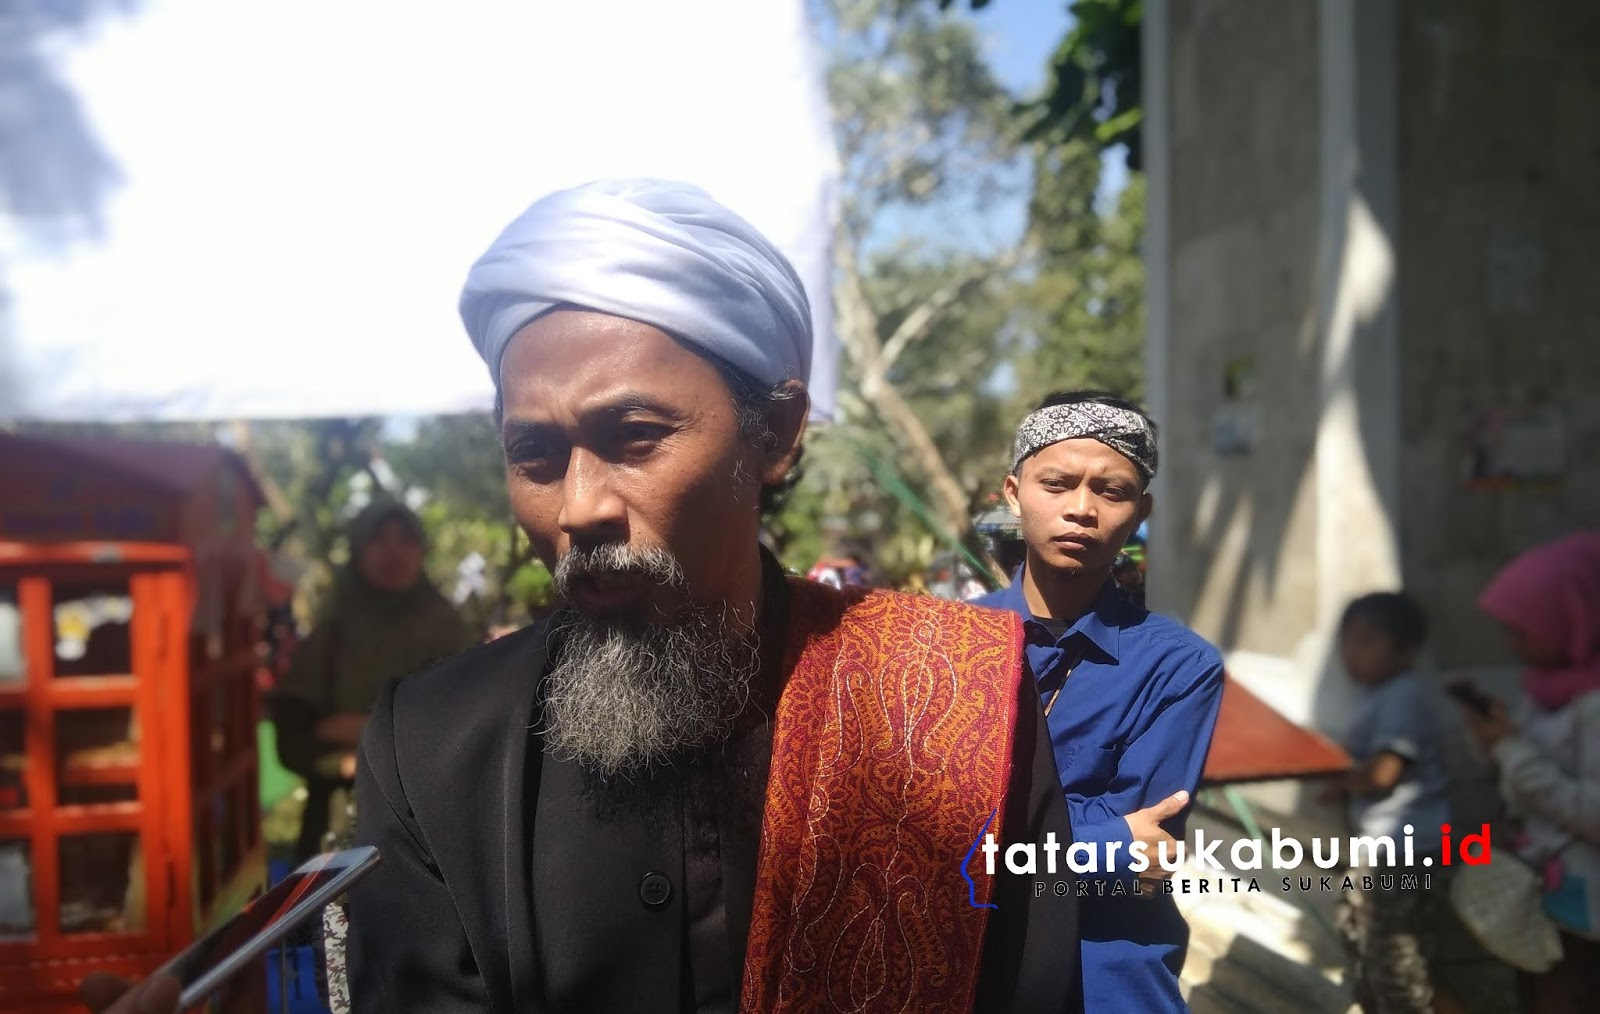 Fajar Laksana : Literasi Adalah Ajaran Islam yang Dikembangkan Secara Kekinian